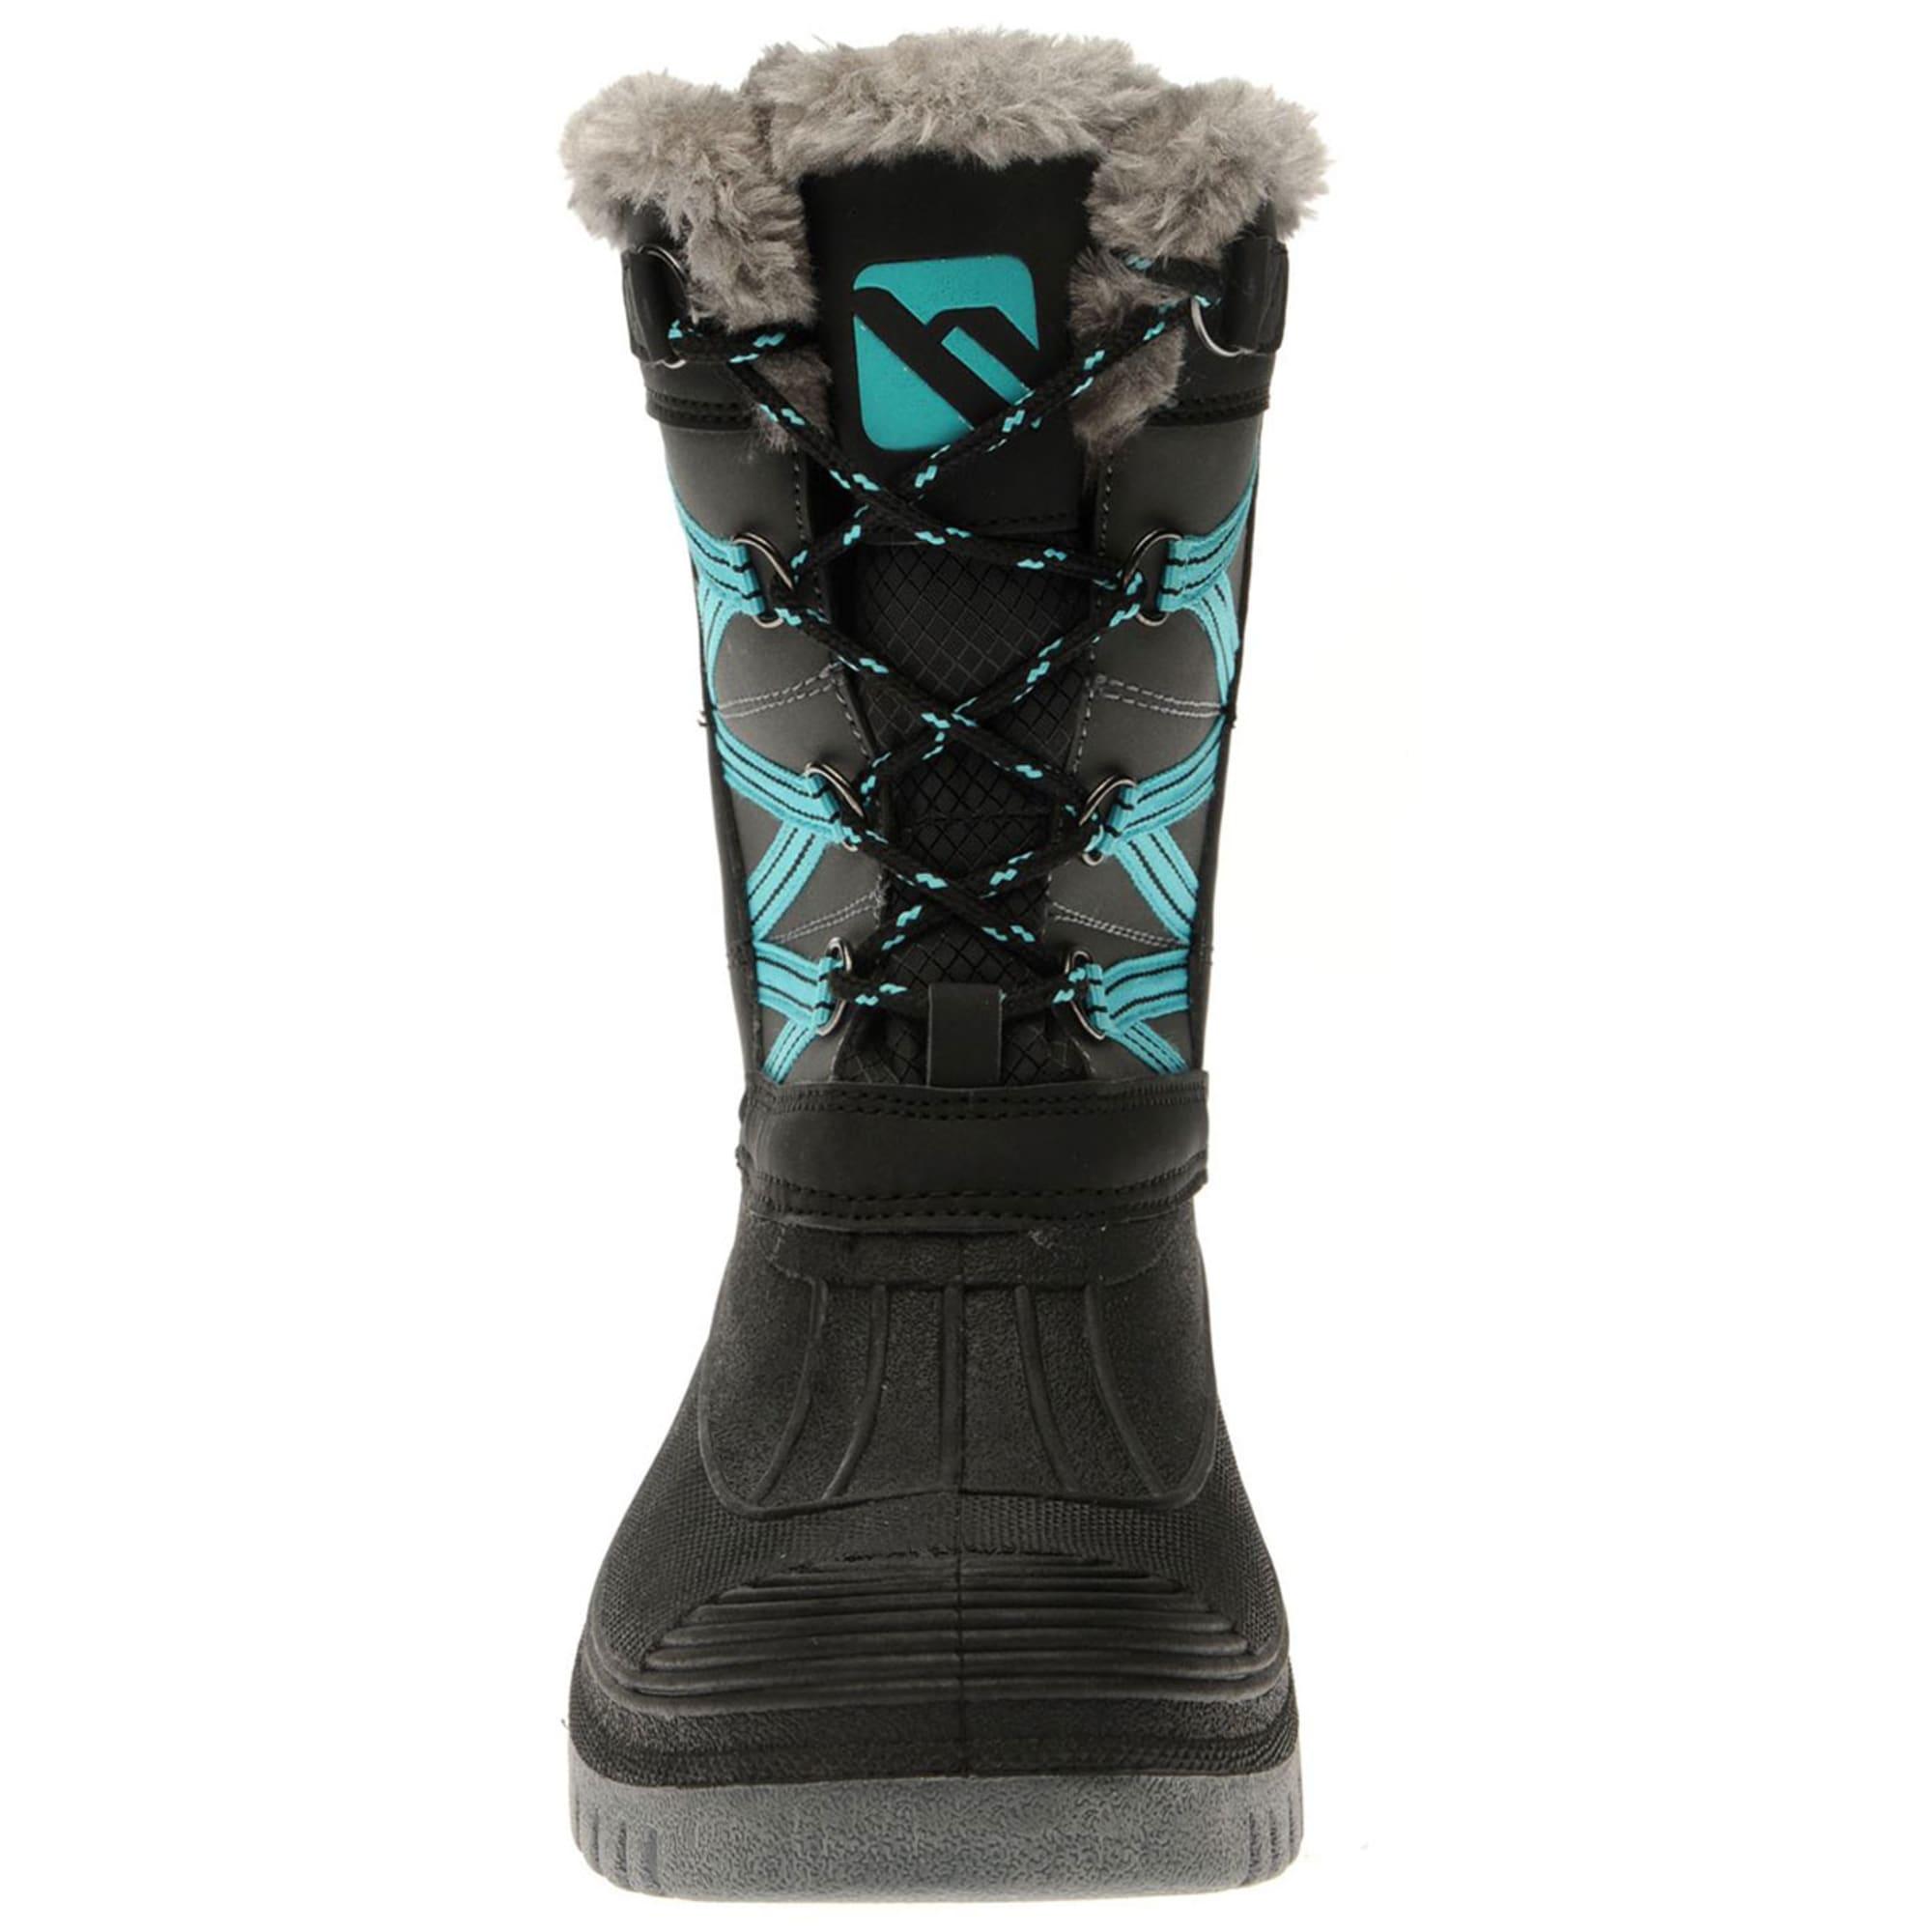 CAMPRI Women's Mid Snow Boots, BlackTeal Bob's Stores